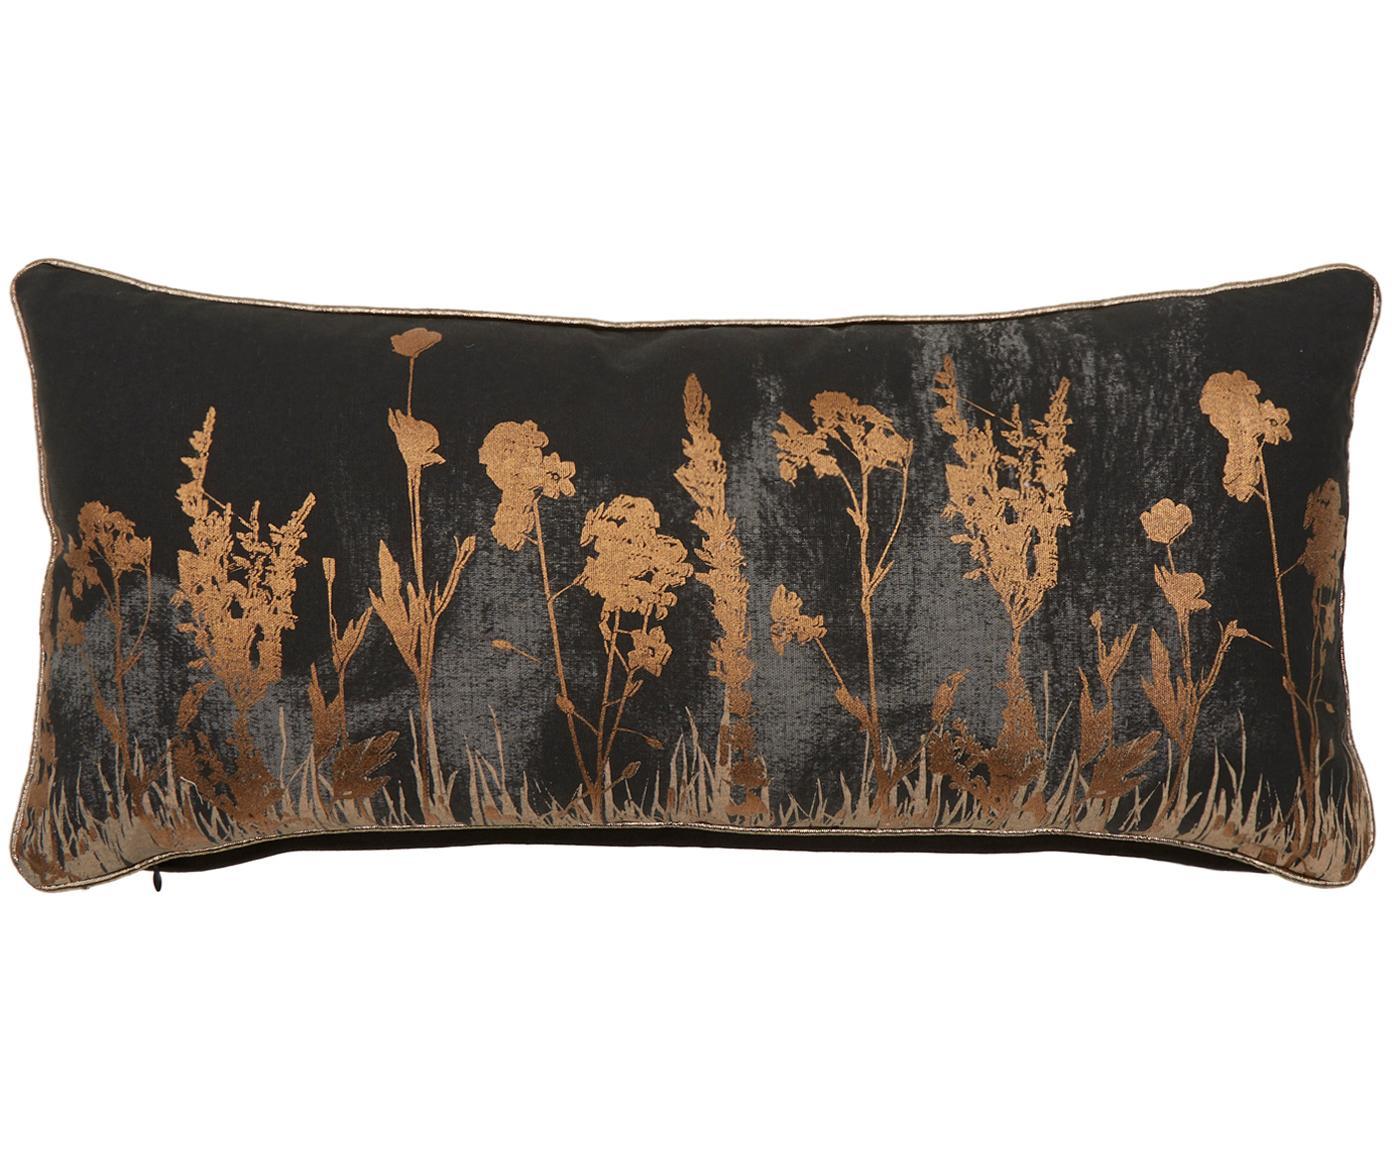 Poduszka z wypełnieniem Wild Floral, Tapicerka: 100% bawełna, Czarny, antracytowy, odcienie miedzi, S 30 x D 65 cm